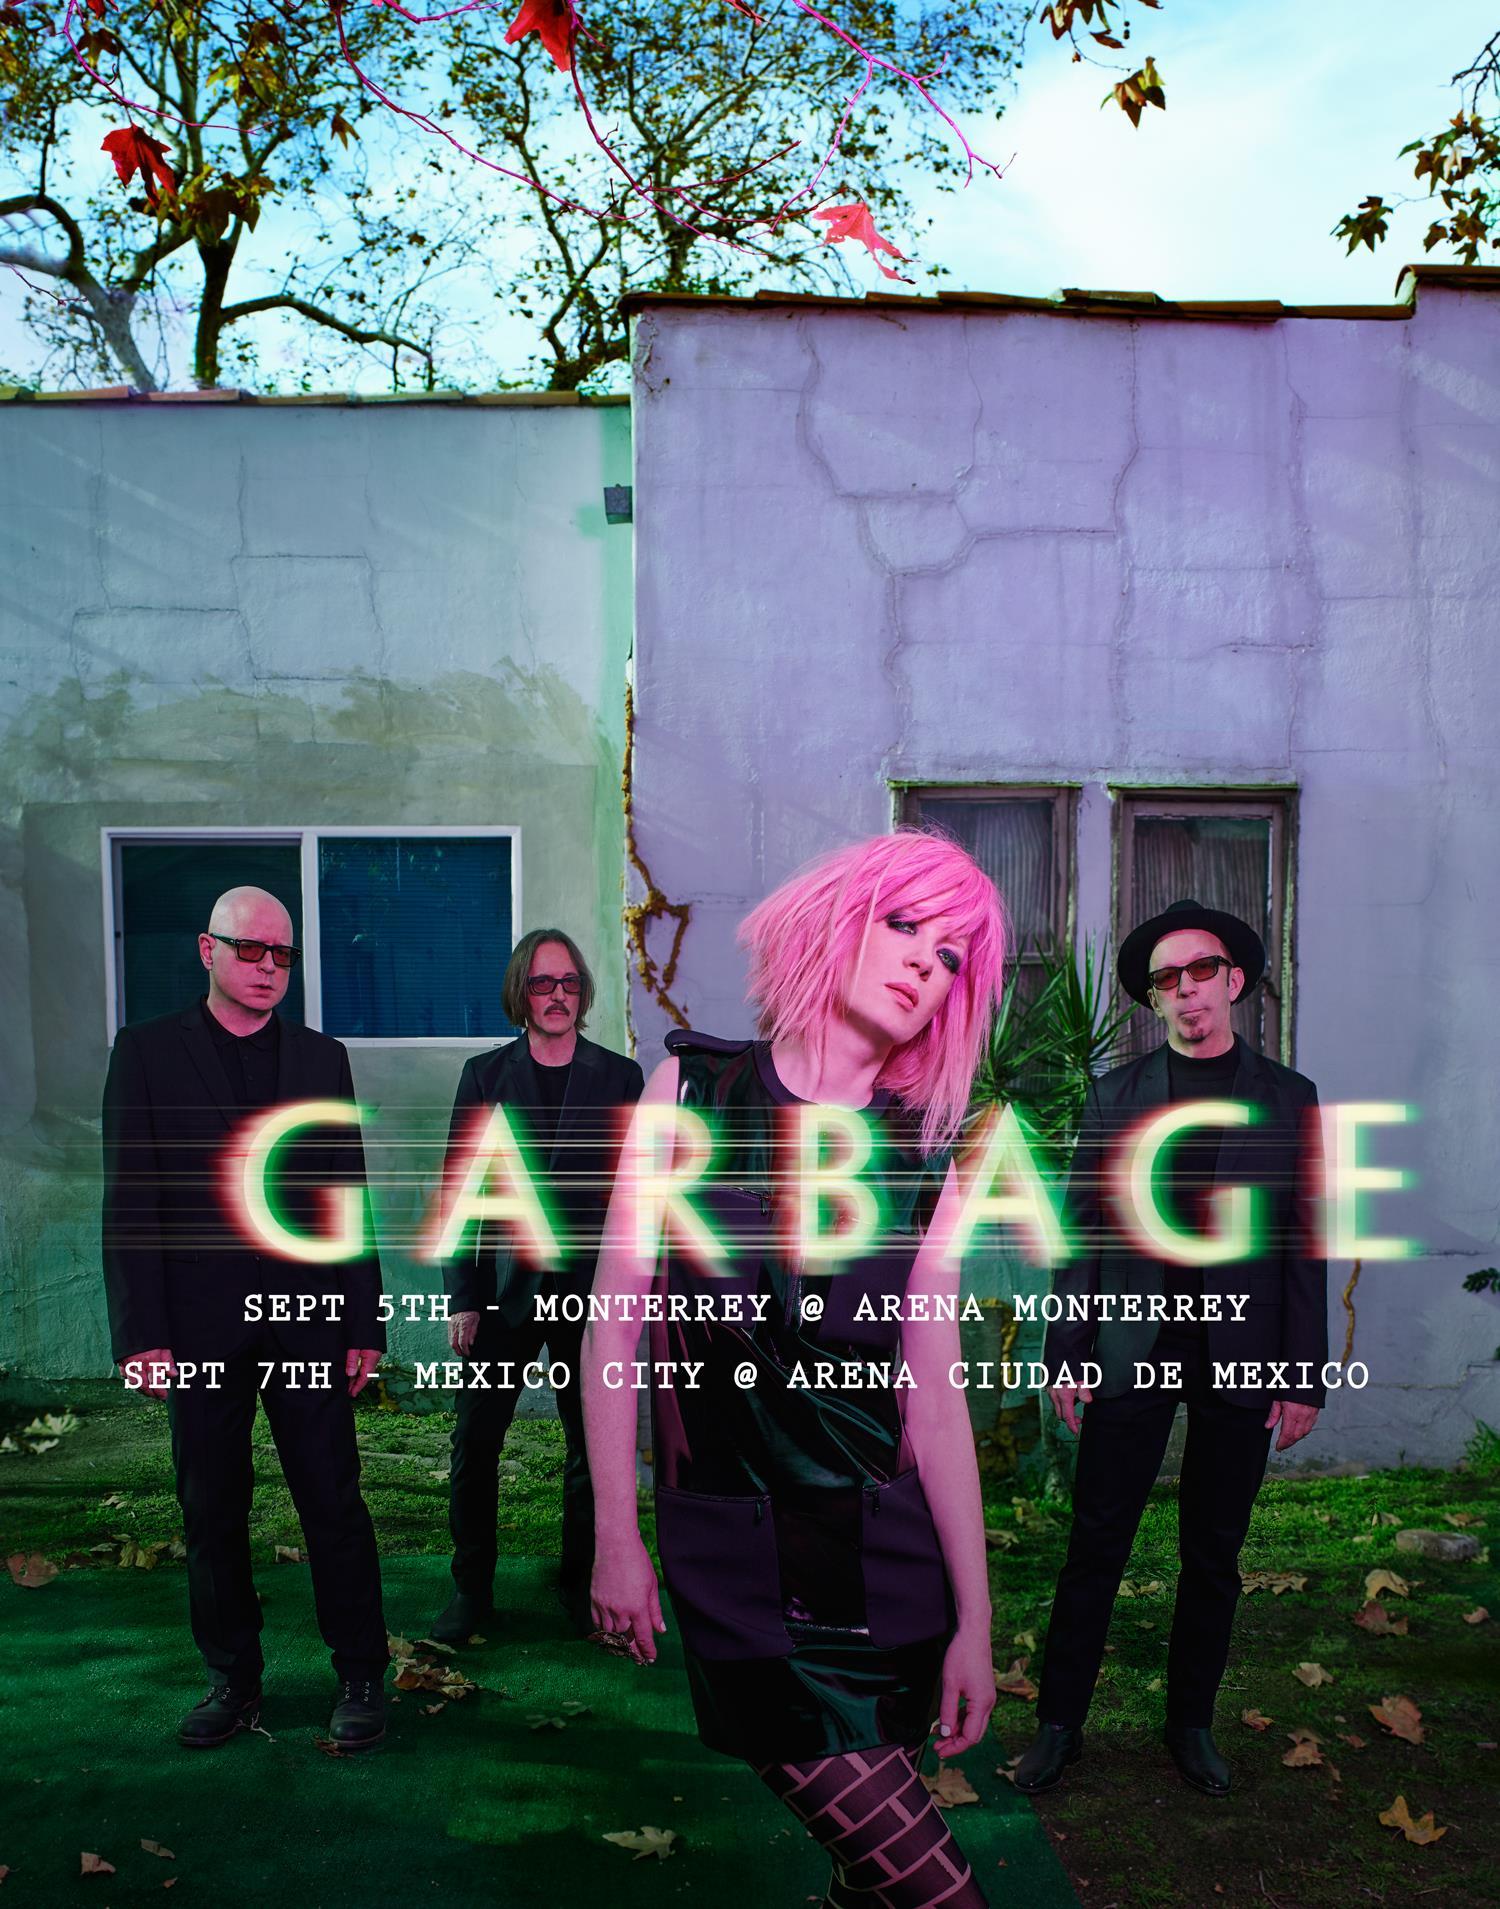 garbage-poster